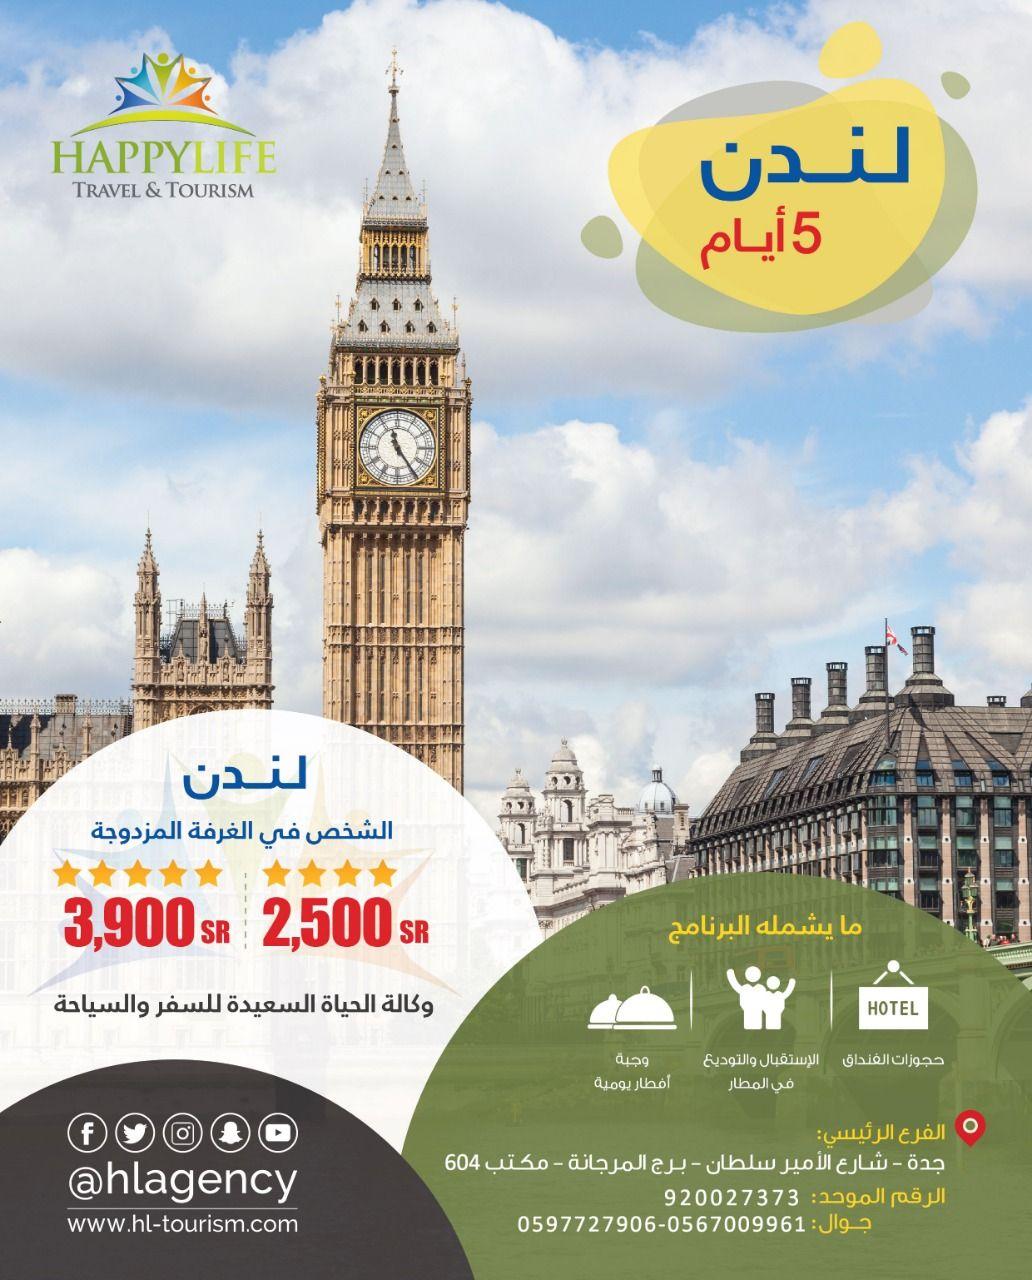 سافر الأن وإستمتع بكل لحظة في مدينة الضباب لندن وكل معالمها الساحرة وهذه الفرصة مقدمة لك من الحياة السعيدة للسياحة العرض يش Travel And Tourism Tourism Travel